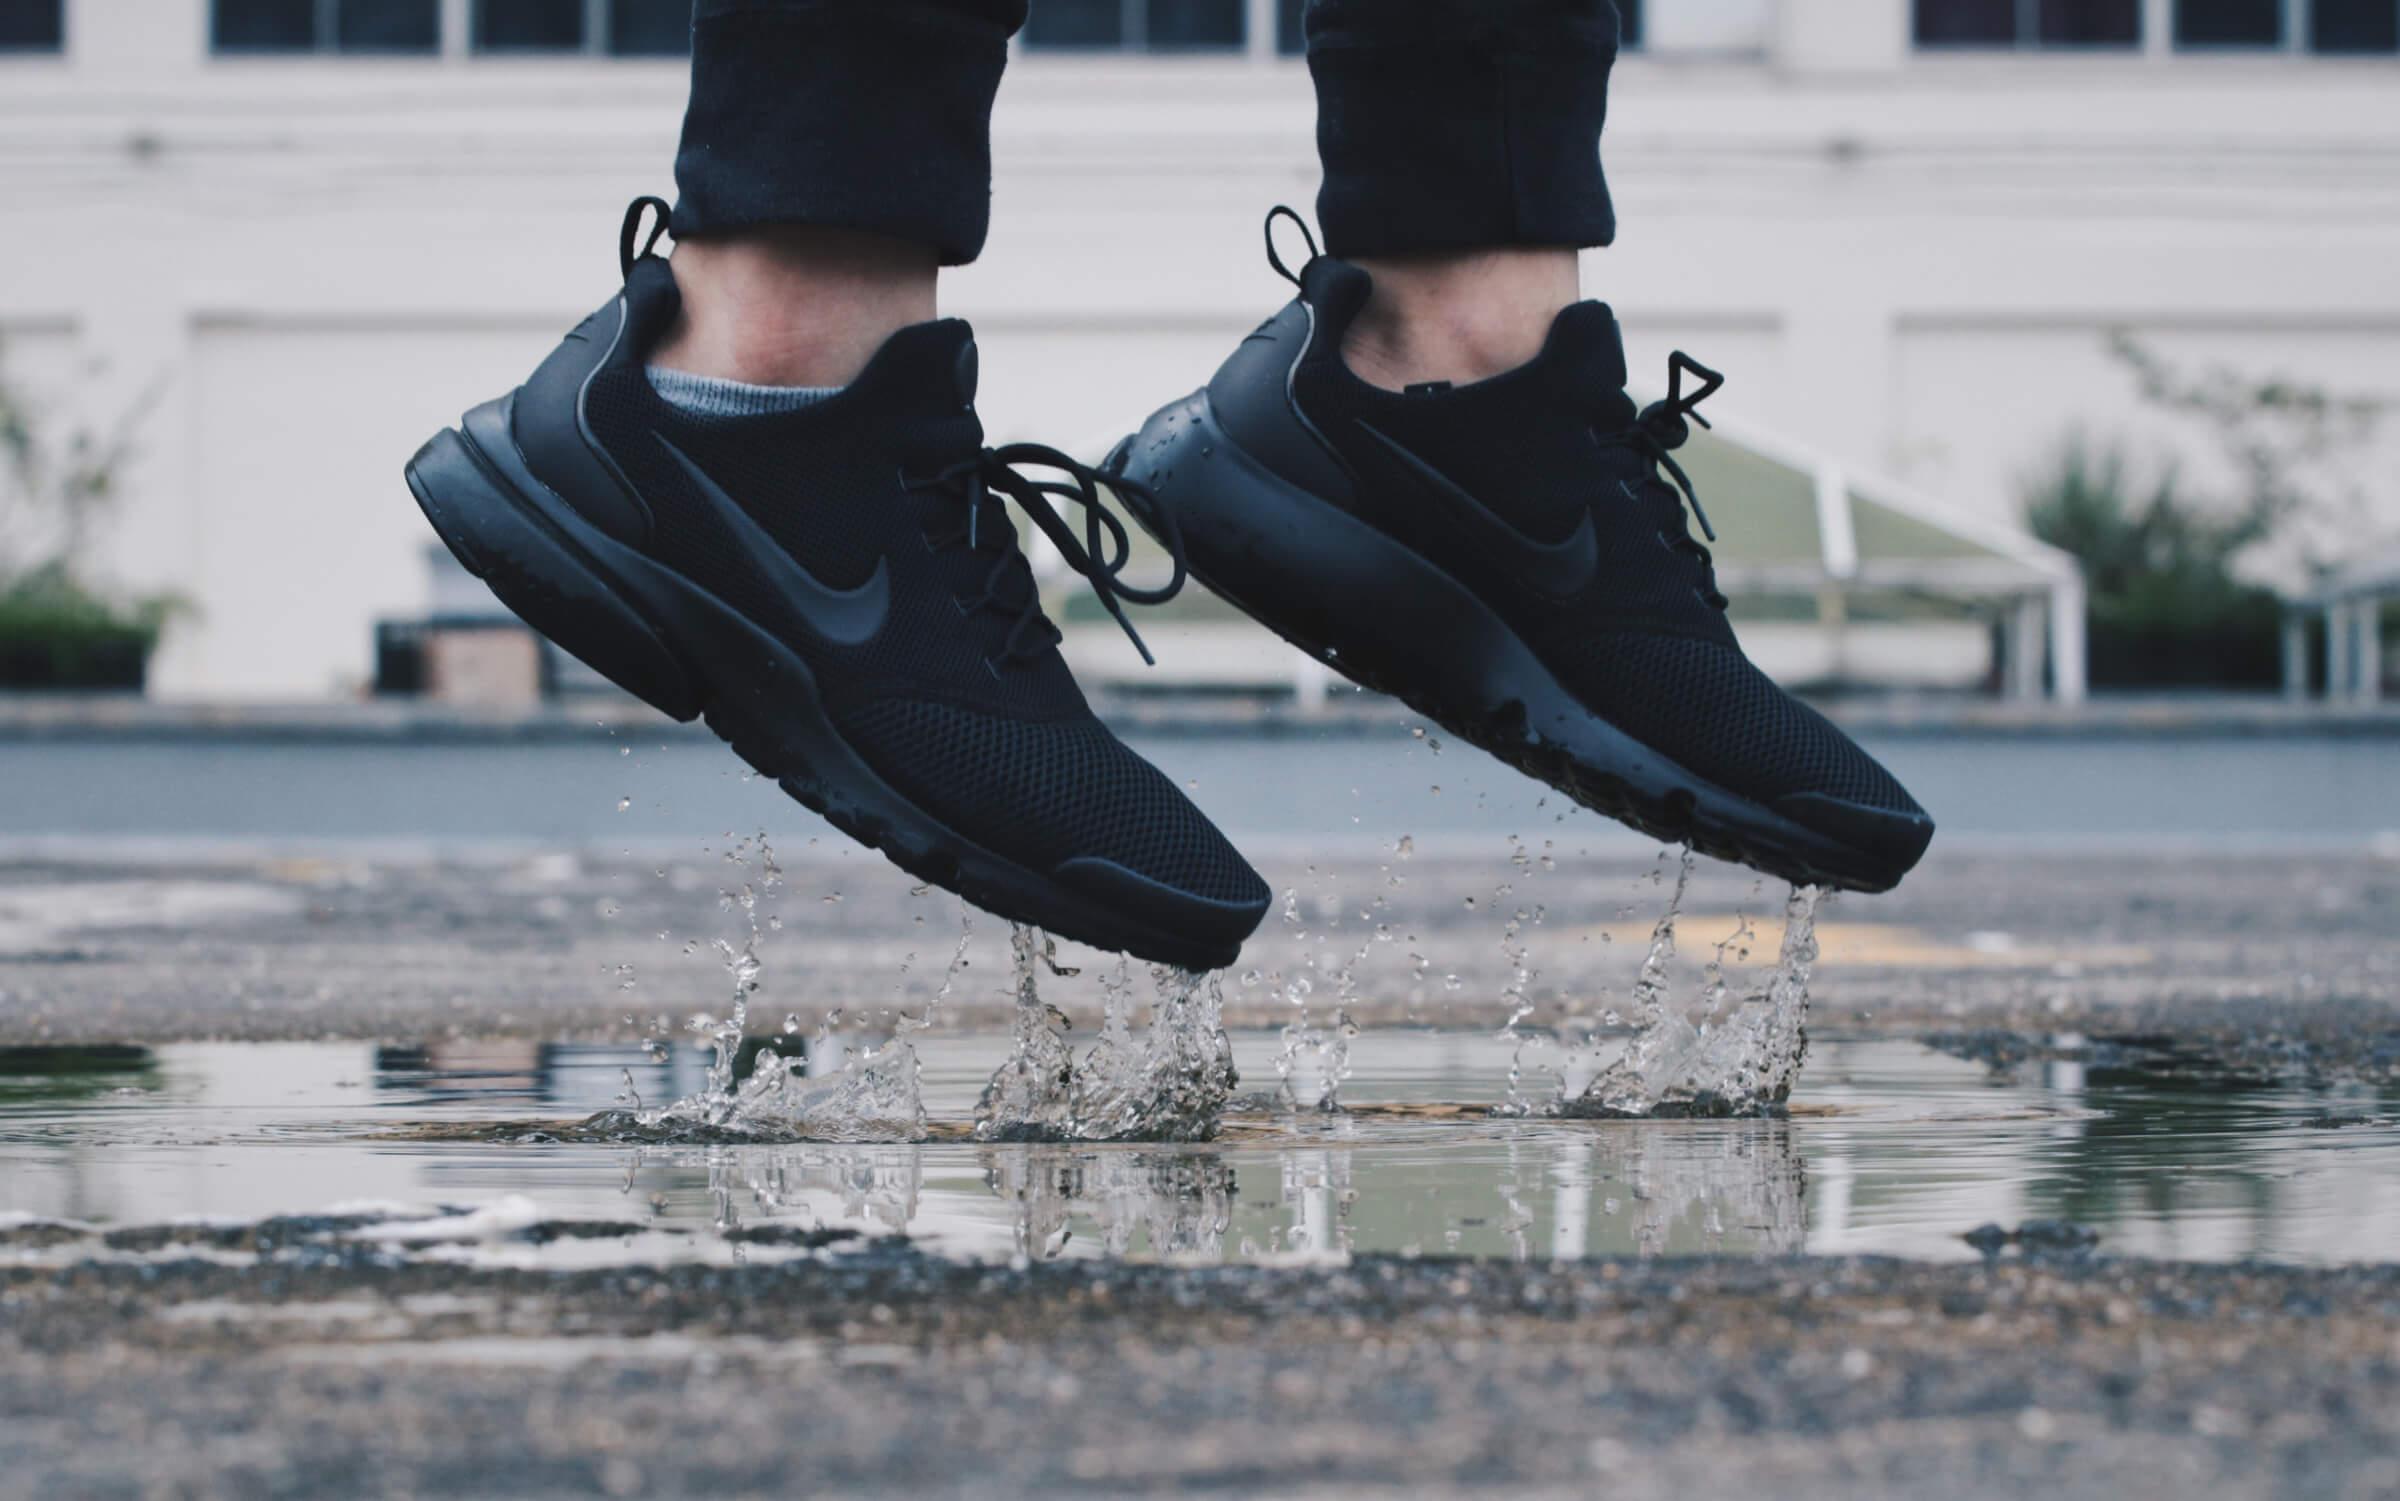 Weatherproof Footwear Market